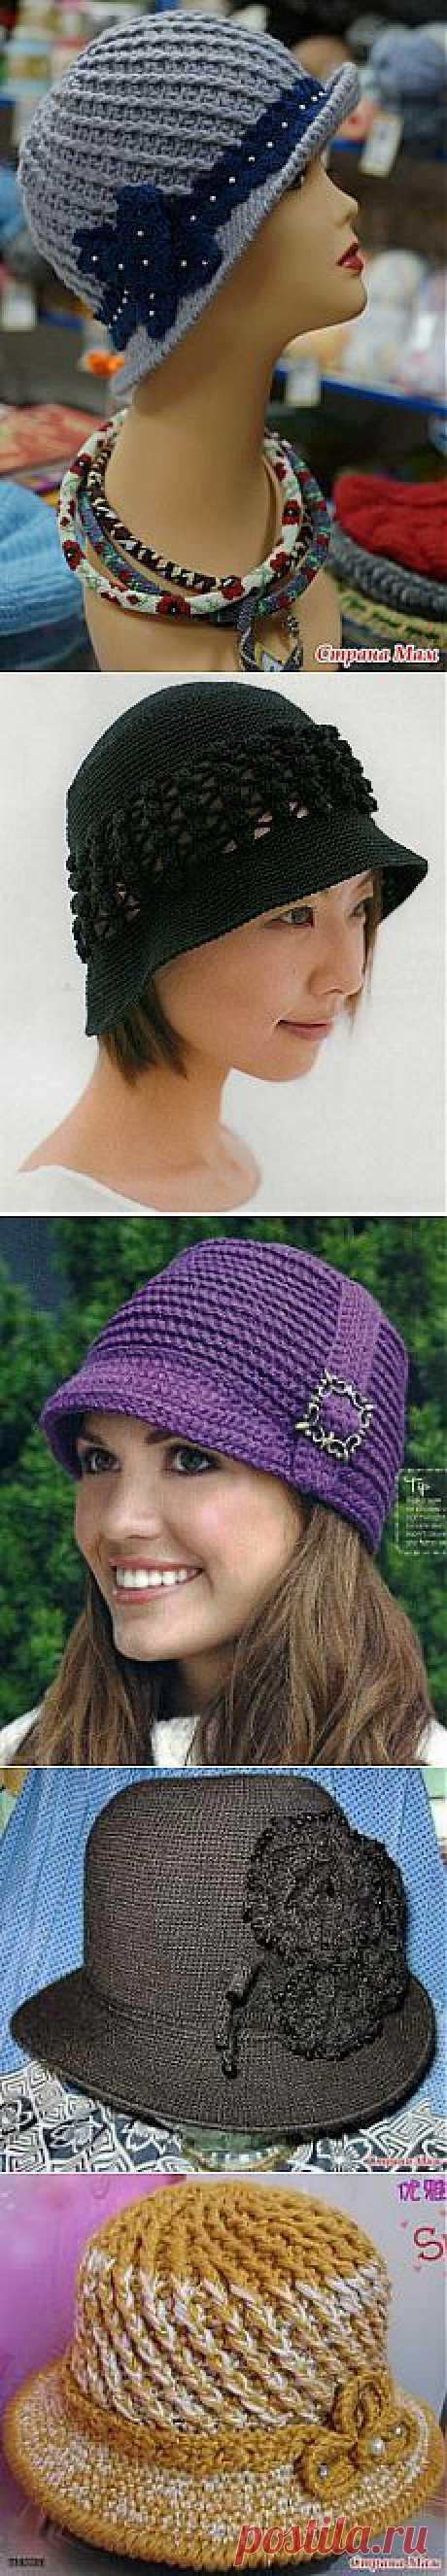 Шляпки для женщин связанные крючком - мк и схемы.